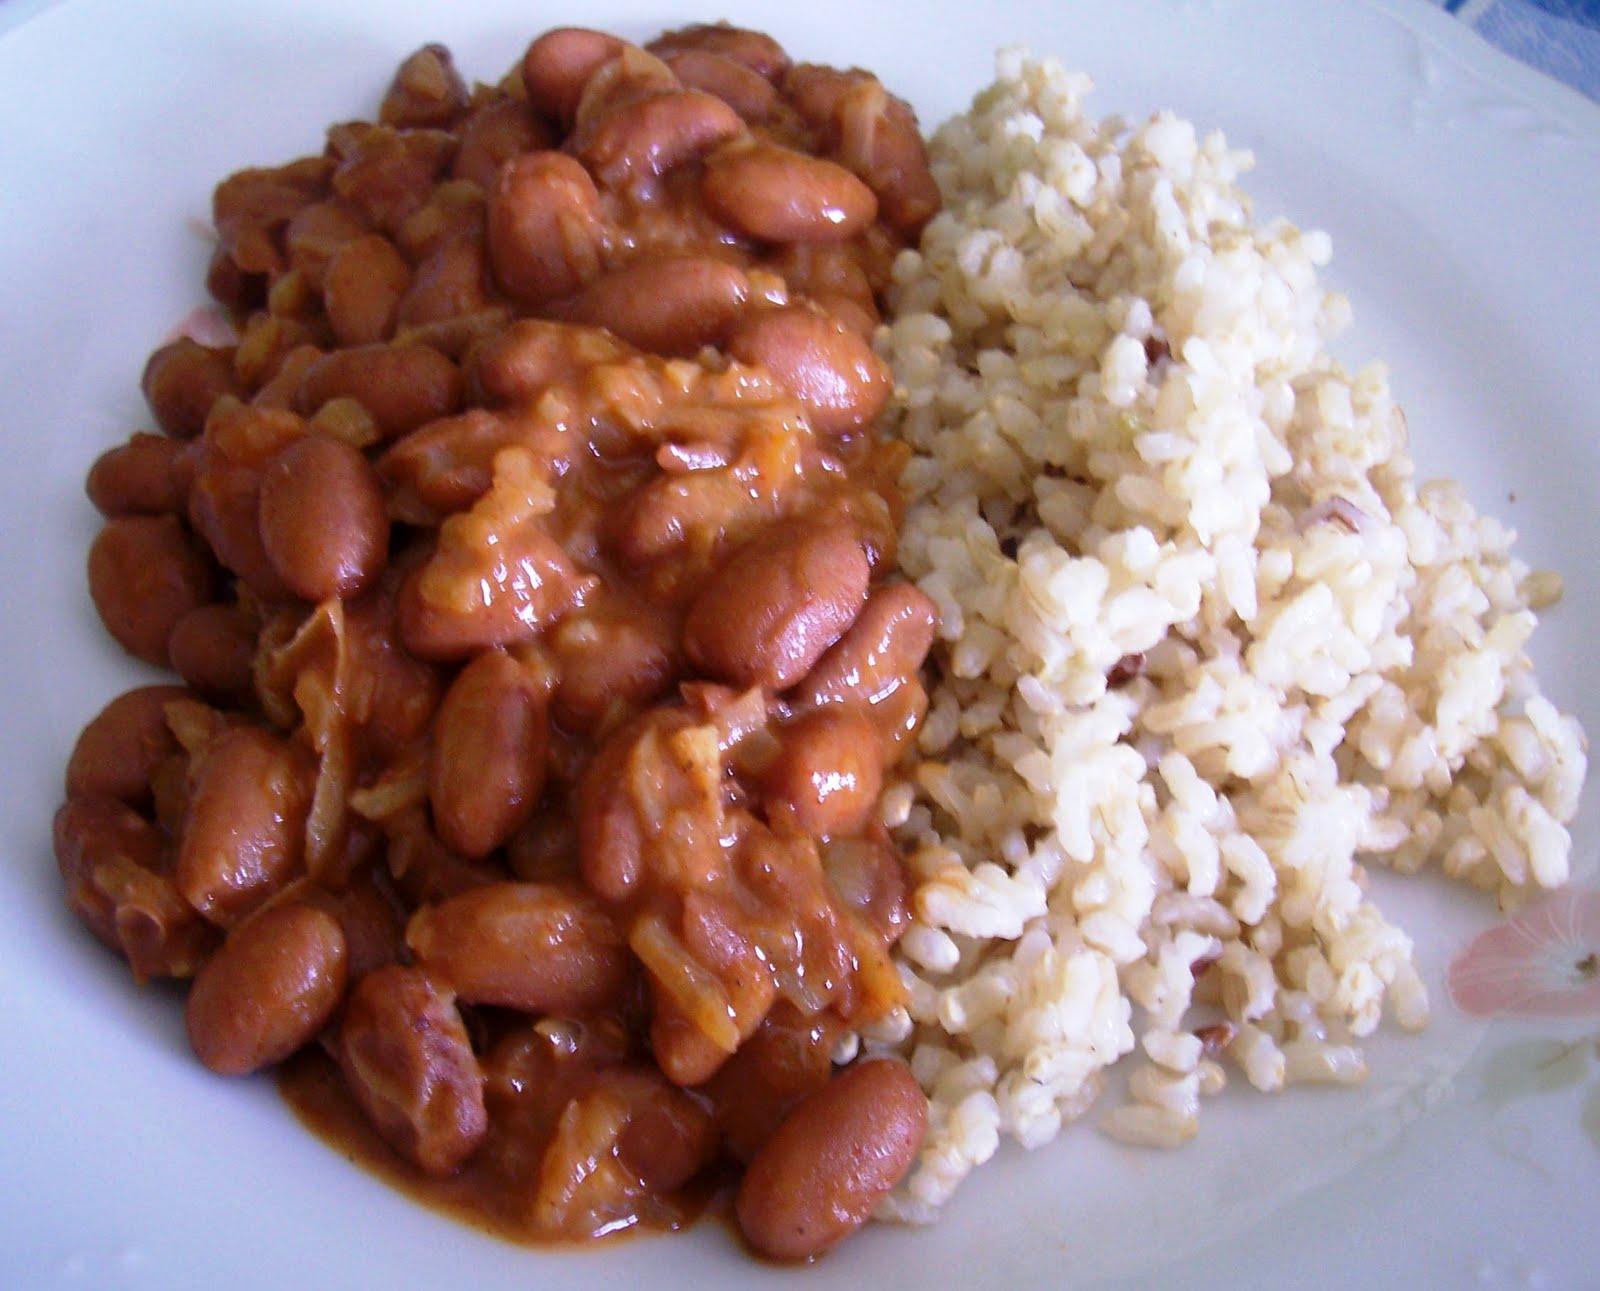 Jud as pintas con arroz receta asopaipas recetas de - Judias pintas con manitas ...